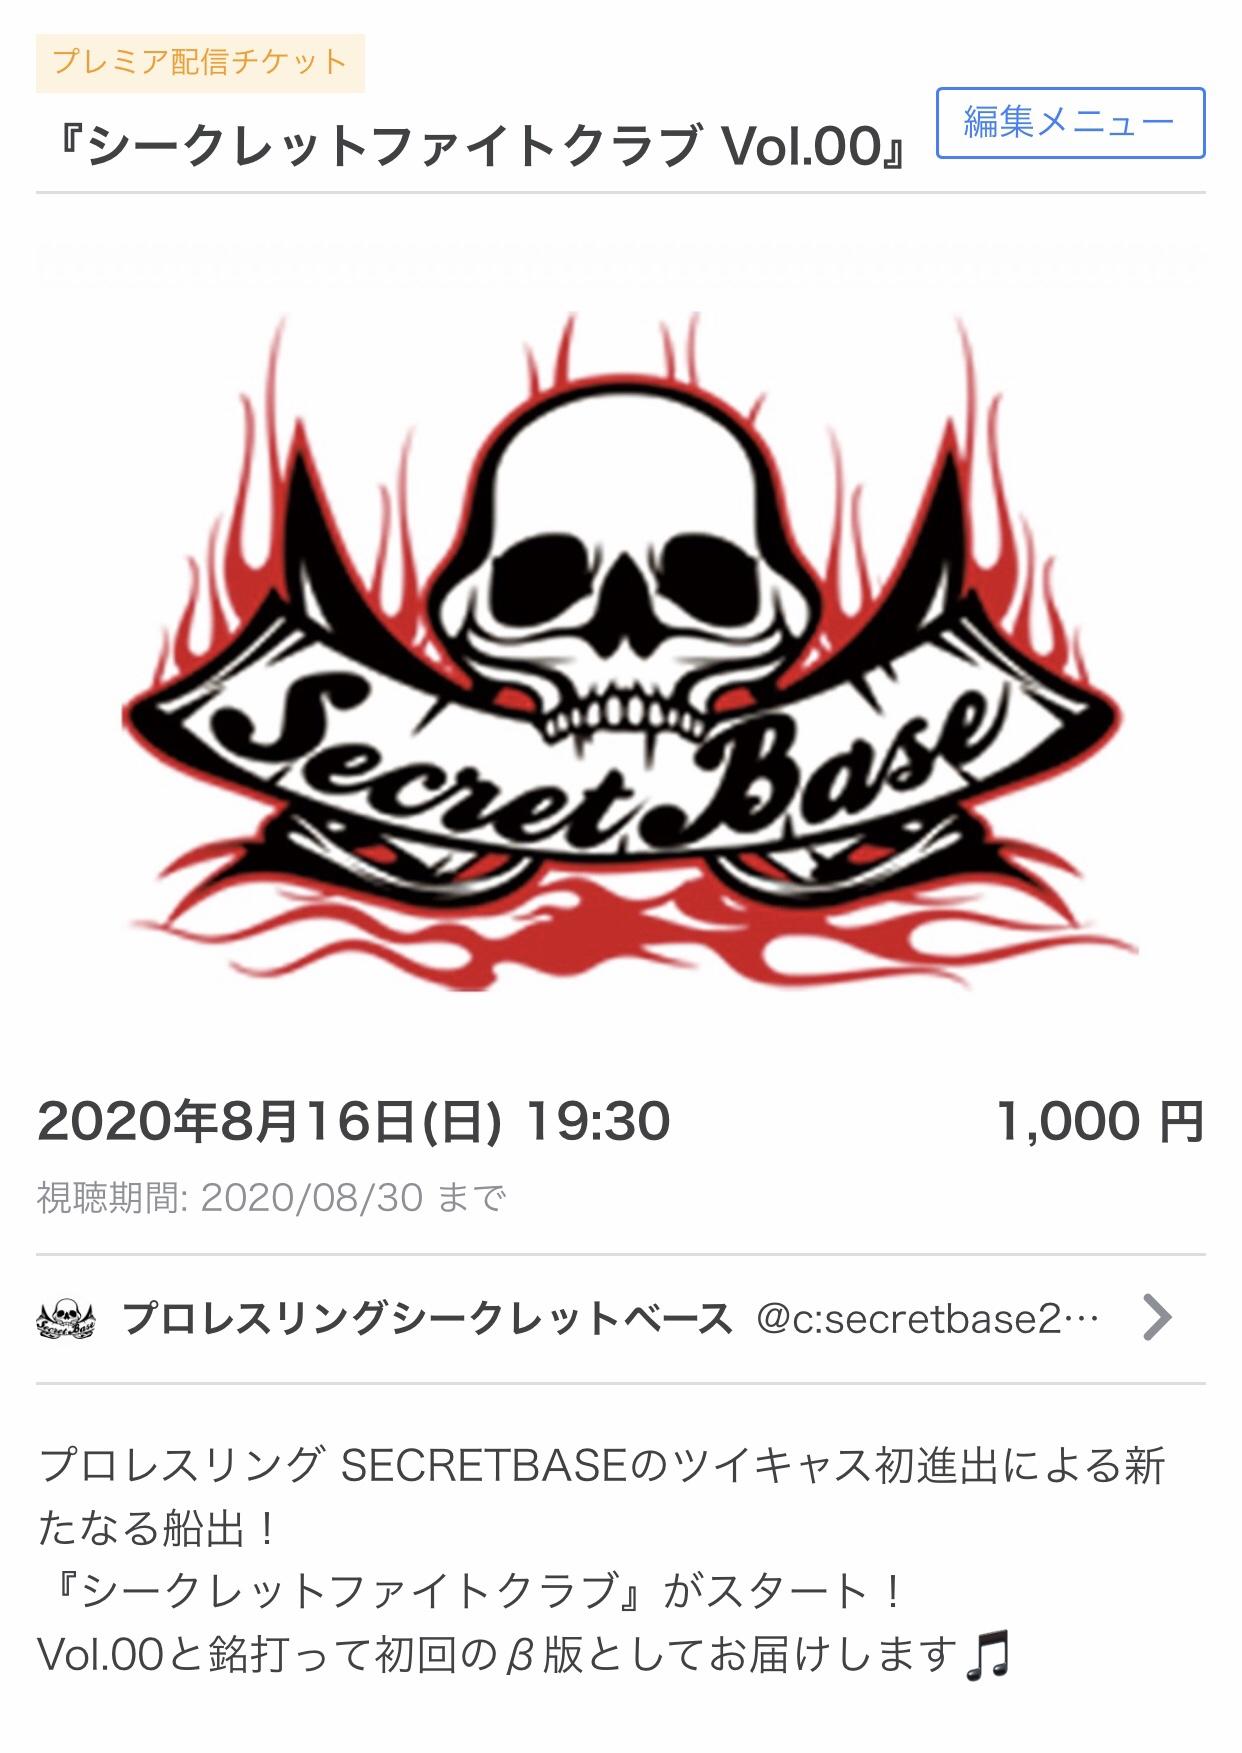 8月16日・ツイキャスで『シークレットファイトクラブ Vol.00』プレミア配信決定!!